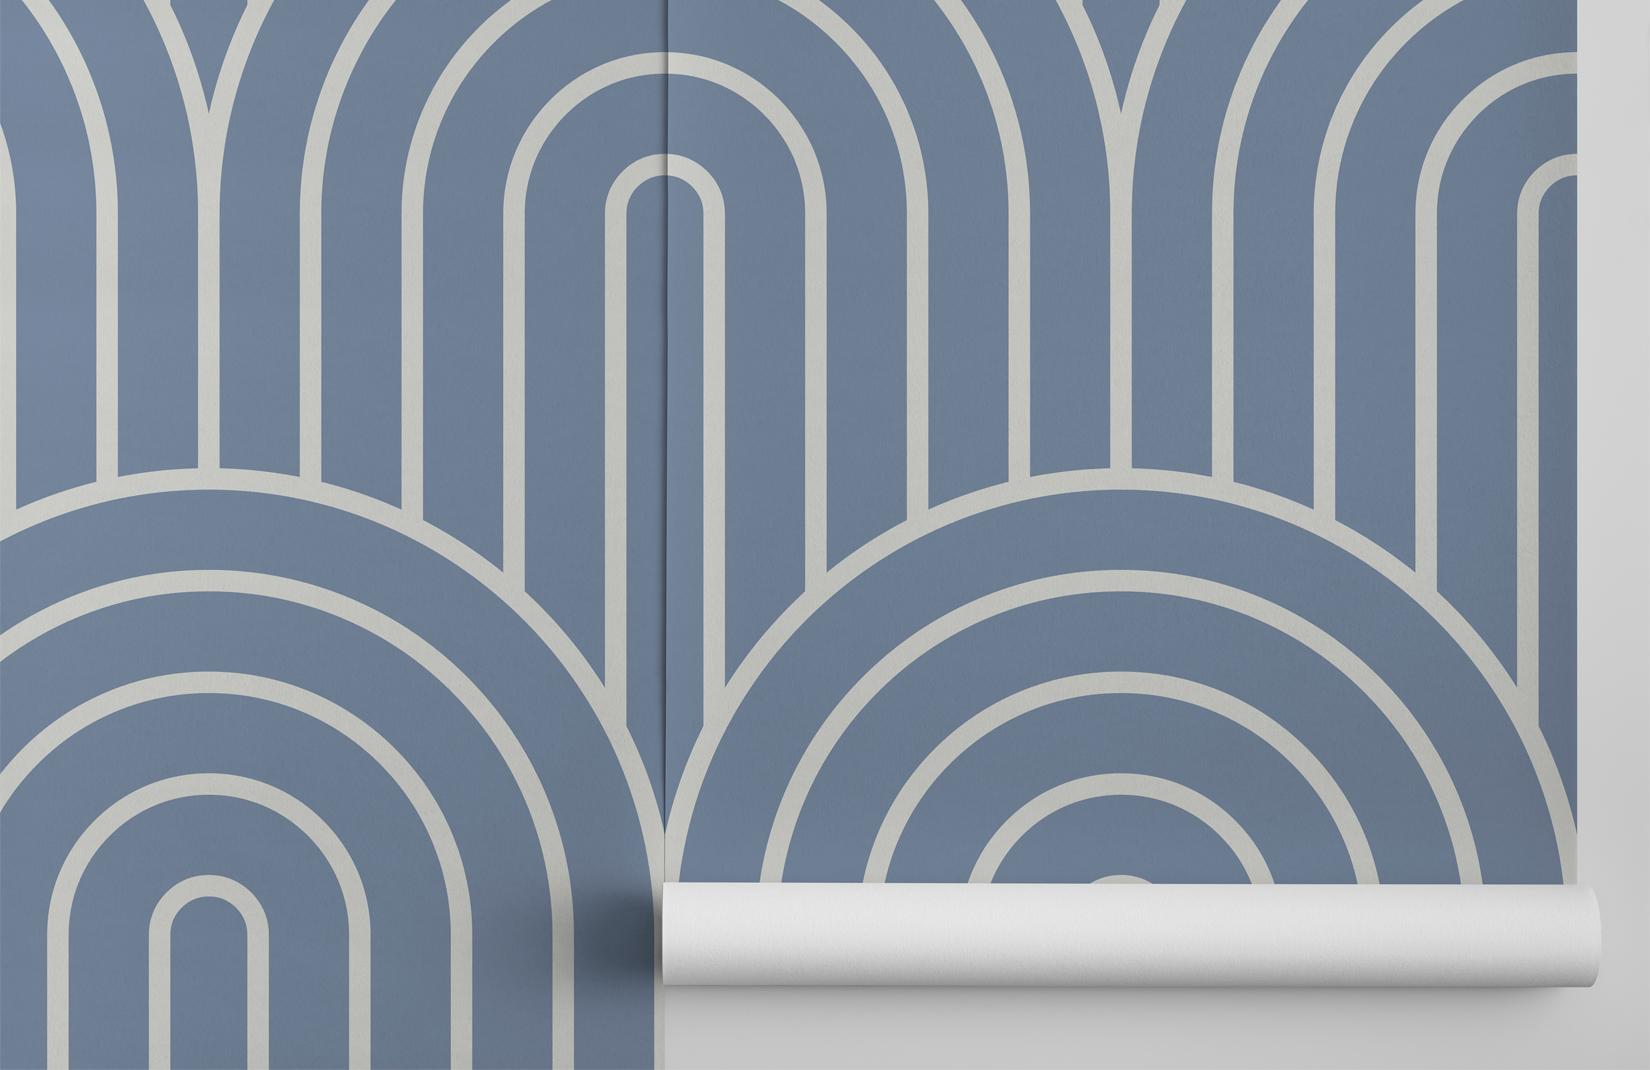 Infinite Loop Wallpaper